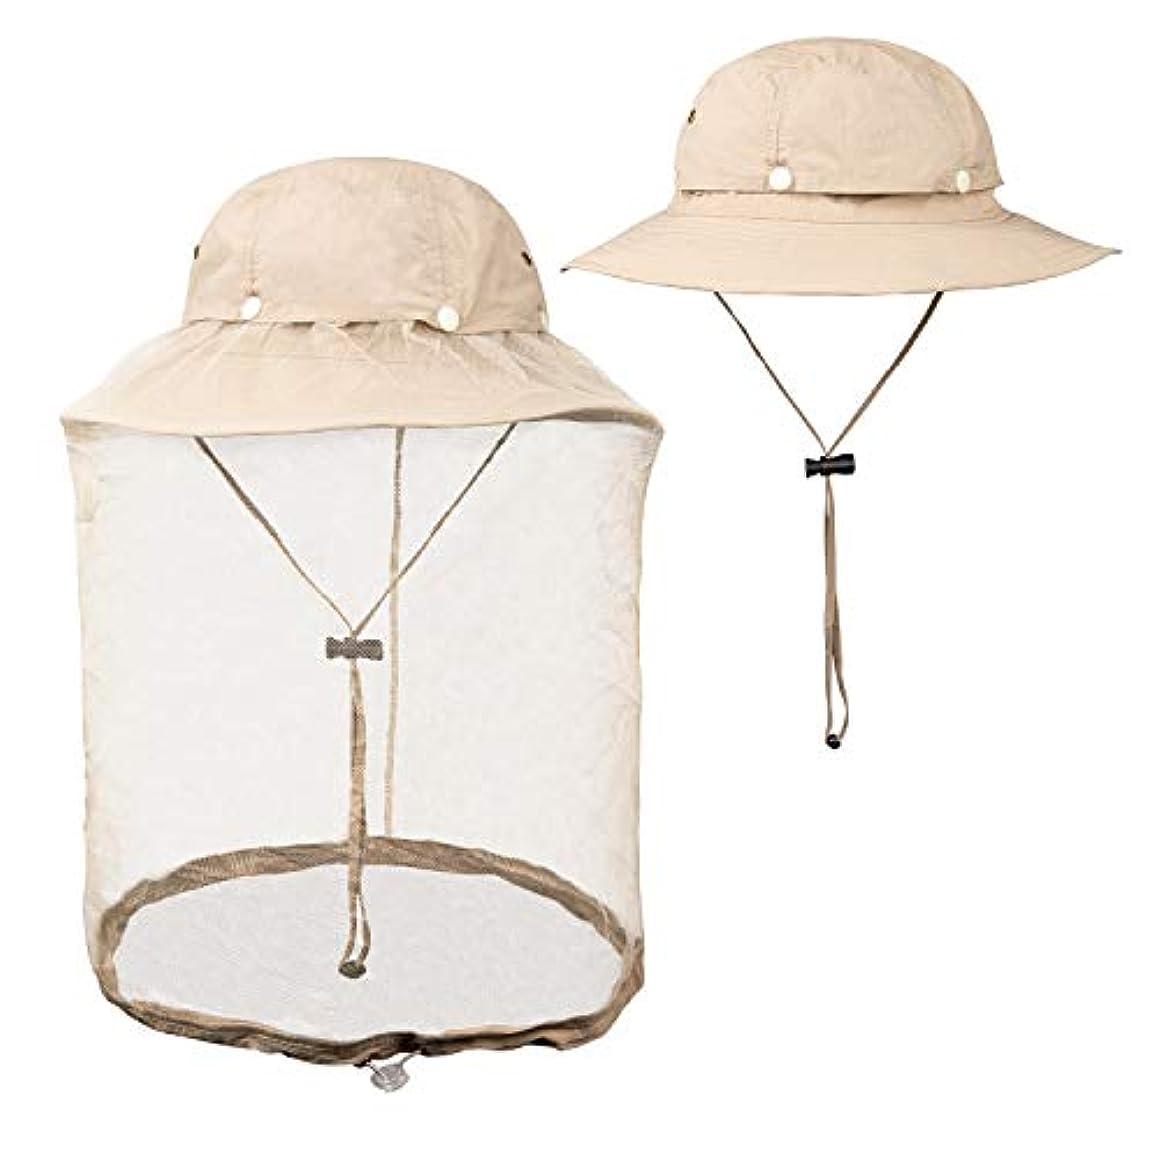 周波数防衛廃止するFitsT4 蚊よけ帽 日よけ サファリハット バケットハット ハエ 虫 虫 ハチの帽子 隠しネットメッシュ アウトドア 恋人 男女兼用